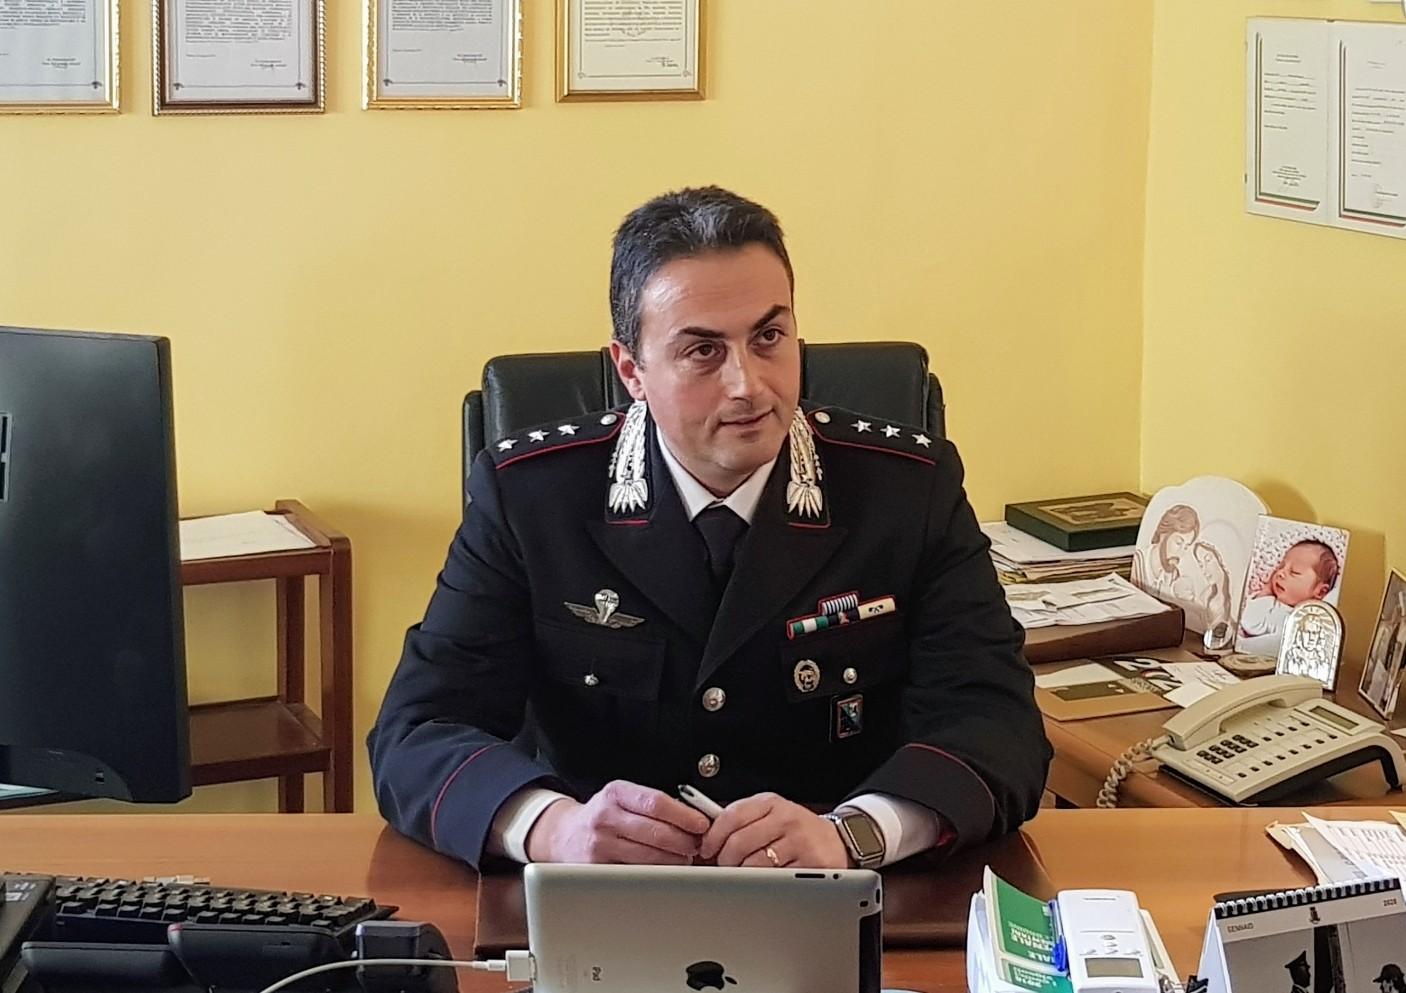 Capitano Simone Vergari, Comandante della Compagnia di Jesi